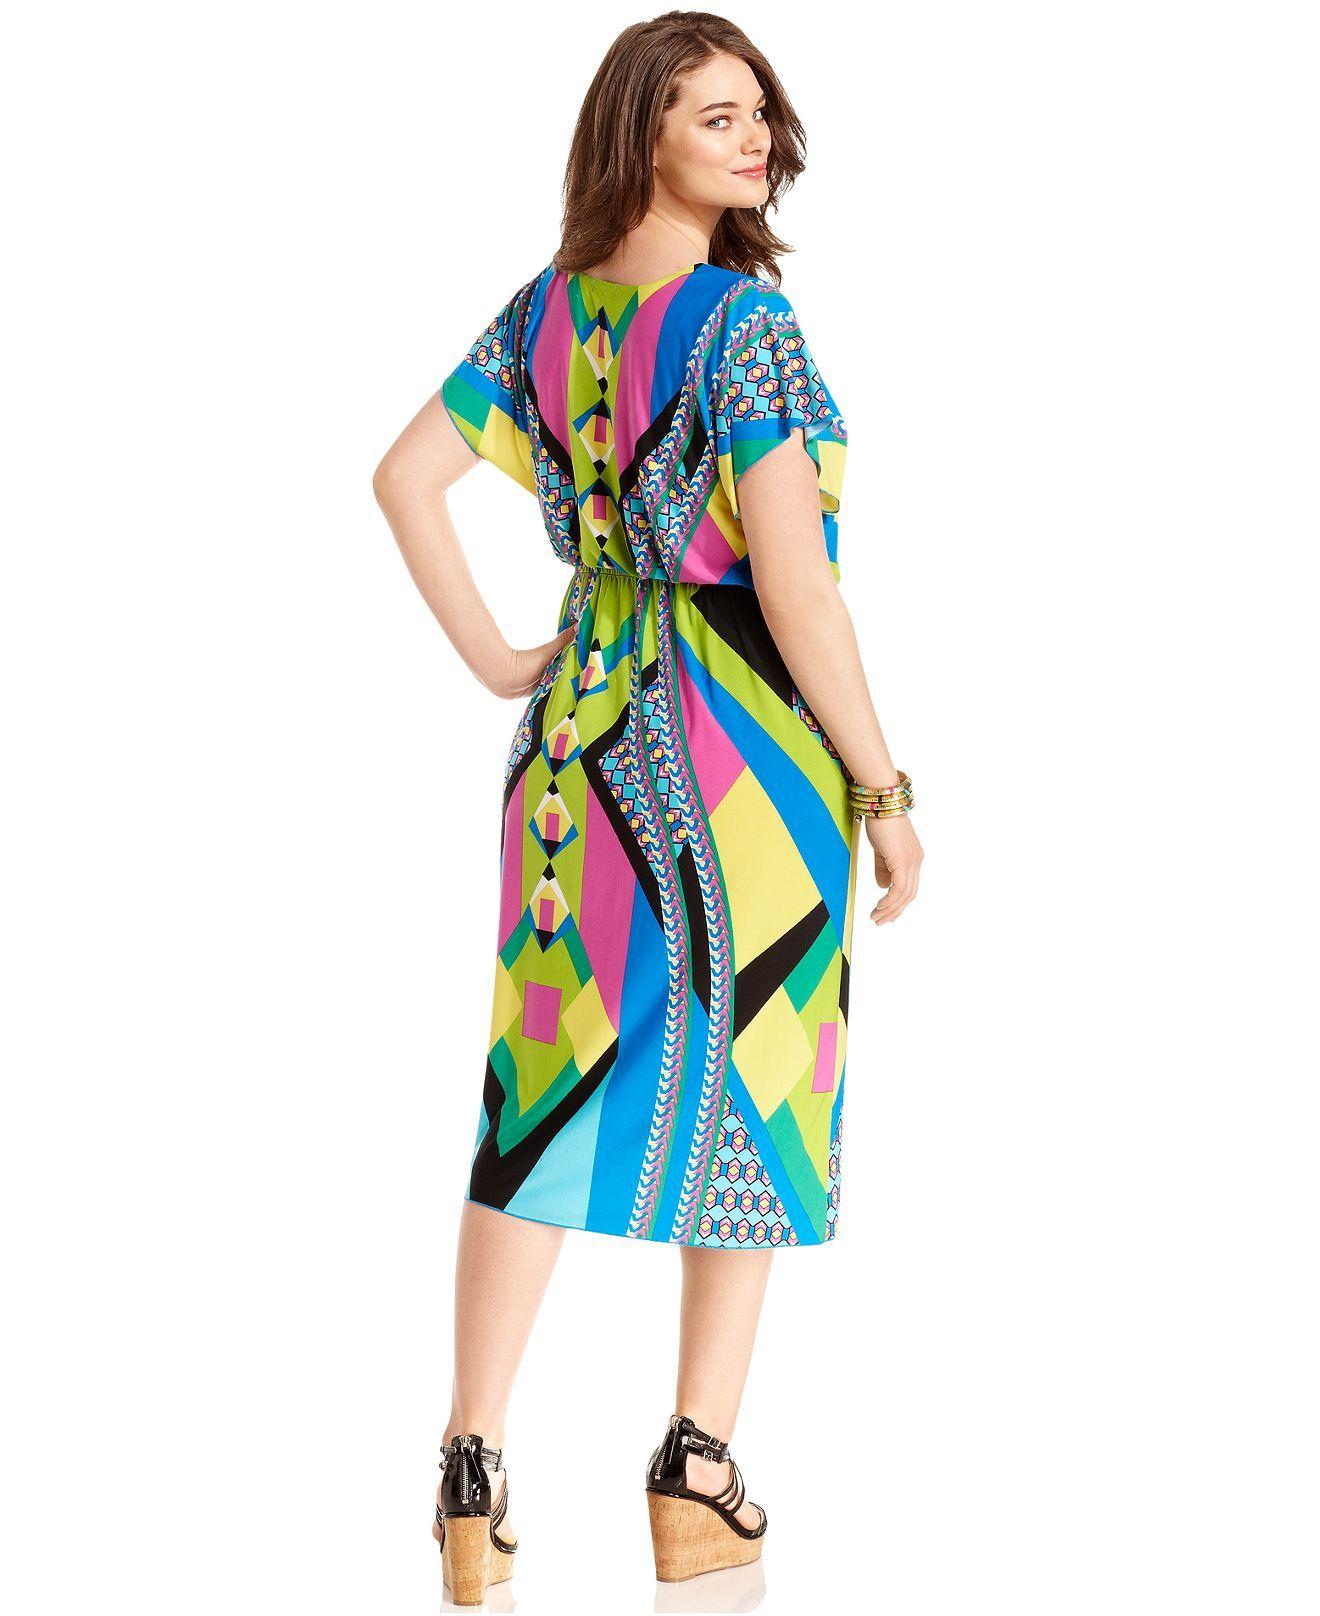 One world plus size dress shortsleeve printed plus size dresses